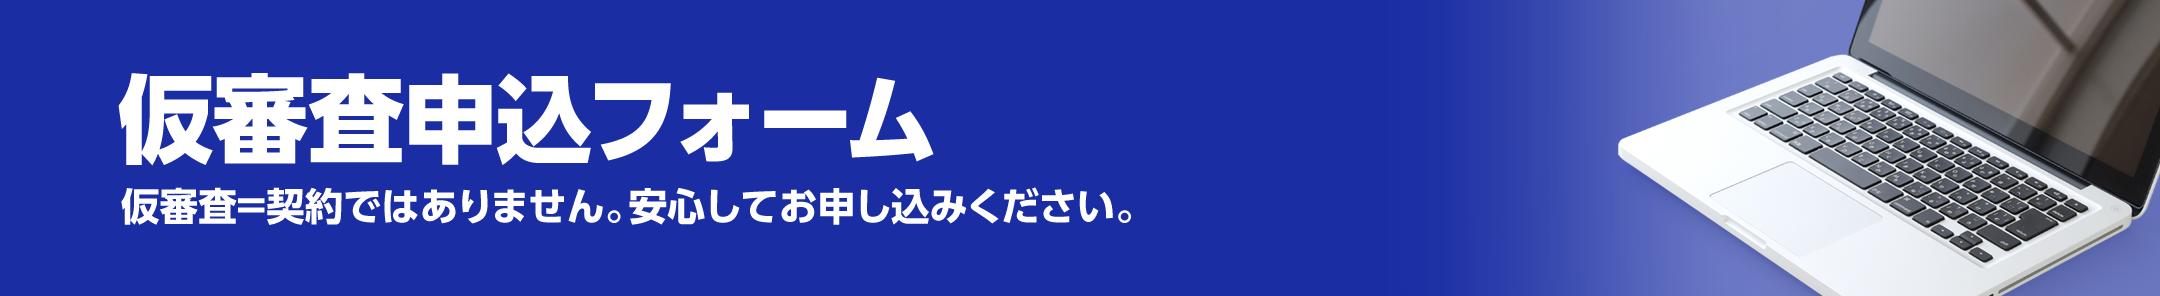 イマムラオート・フラット7熊本の仮審査申込フォーム